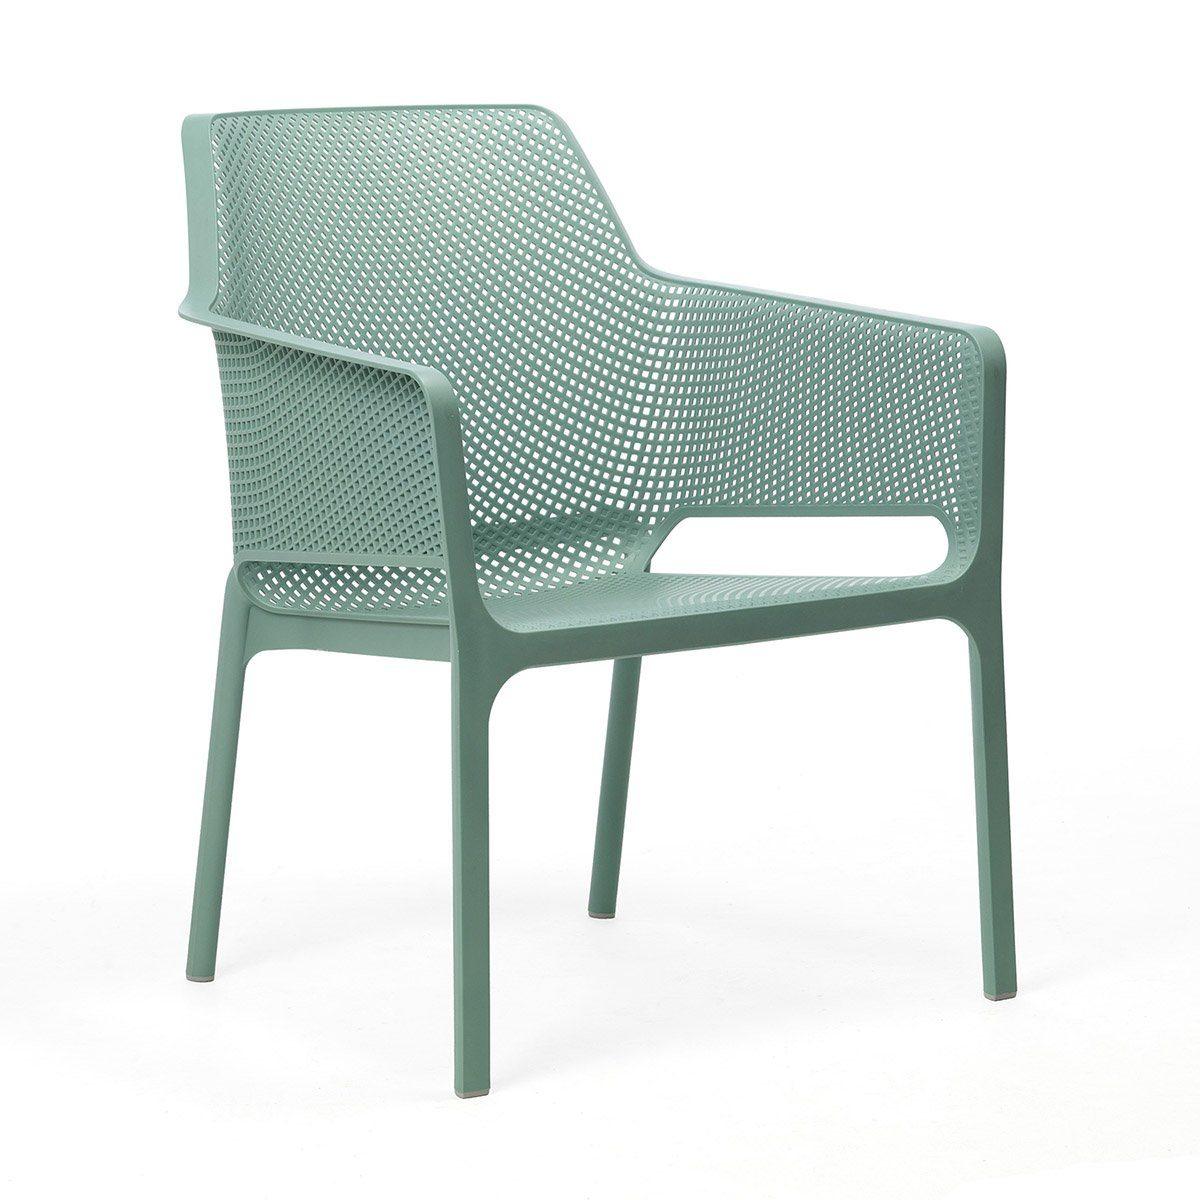 Net relax stol i grönt från Nardi.